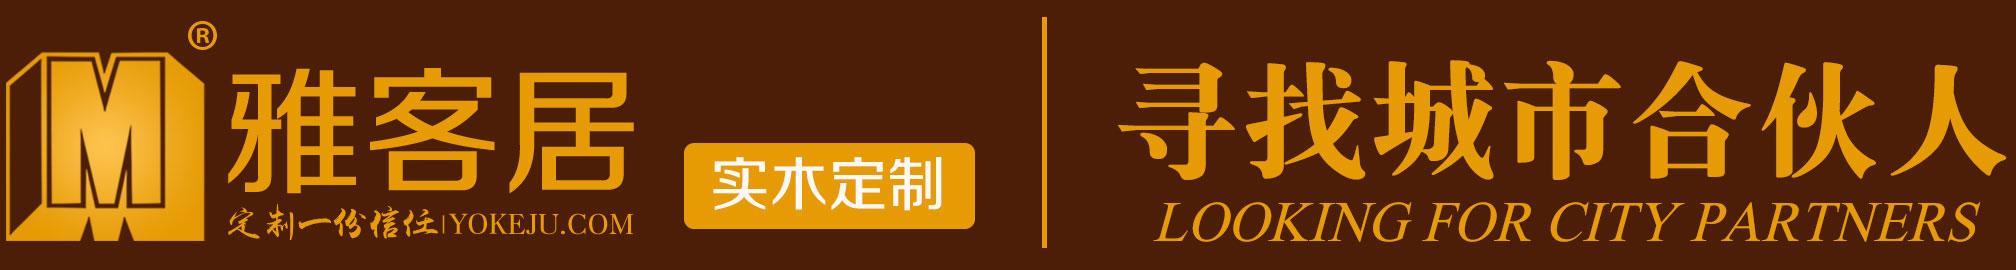 武汉木门厂_湖北木门生产厂家_武汉实木门_武汉复合门_武汉原木门_雅客居木门官网